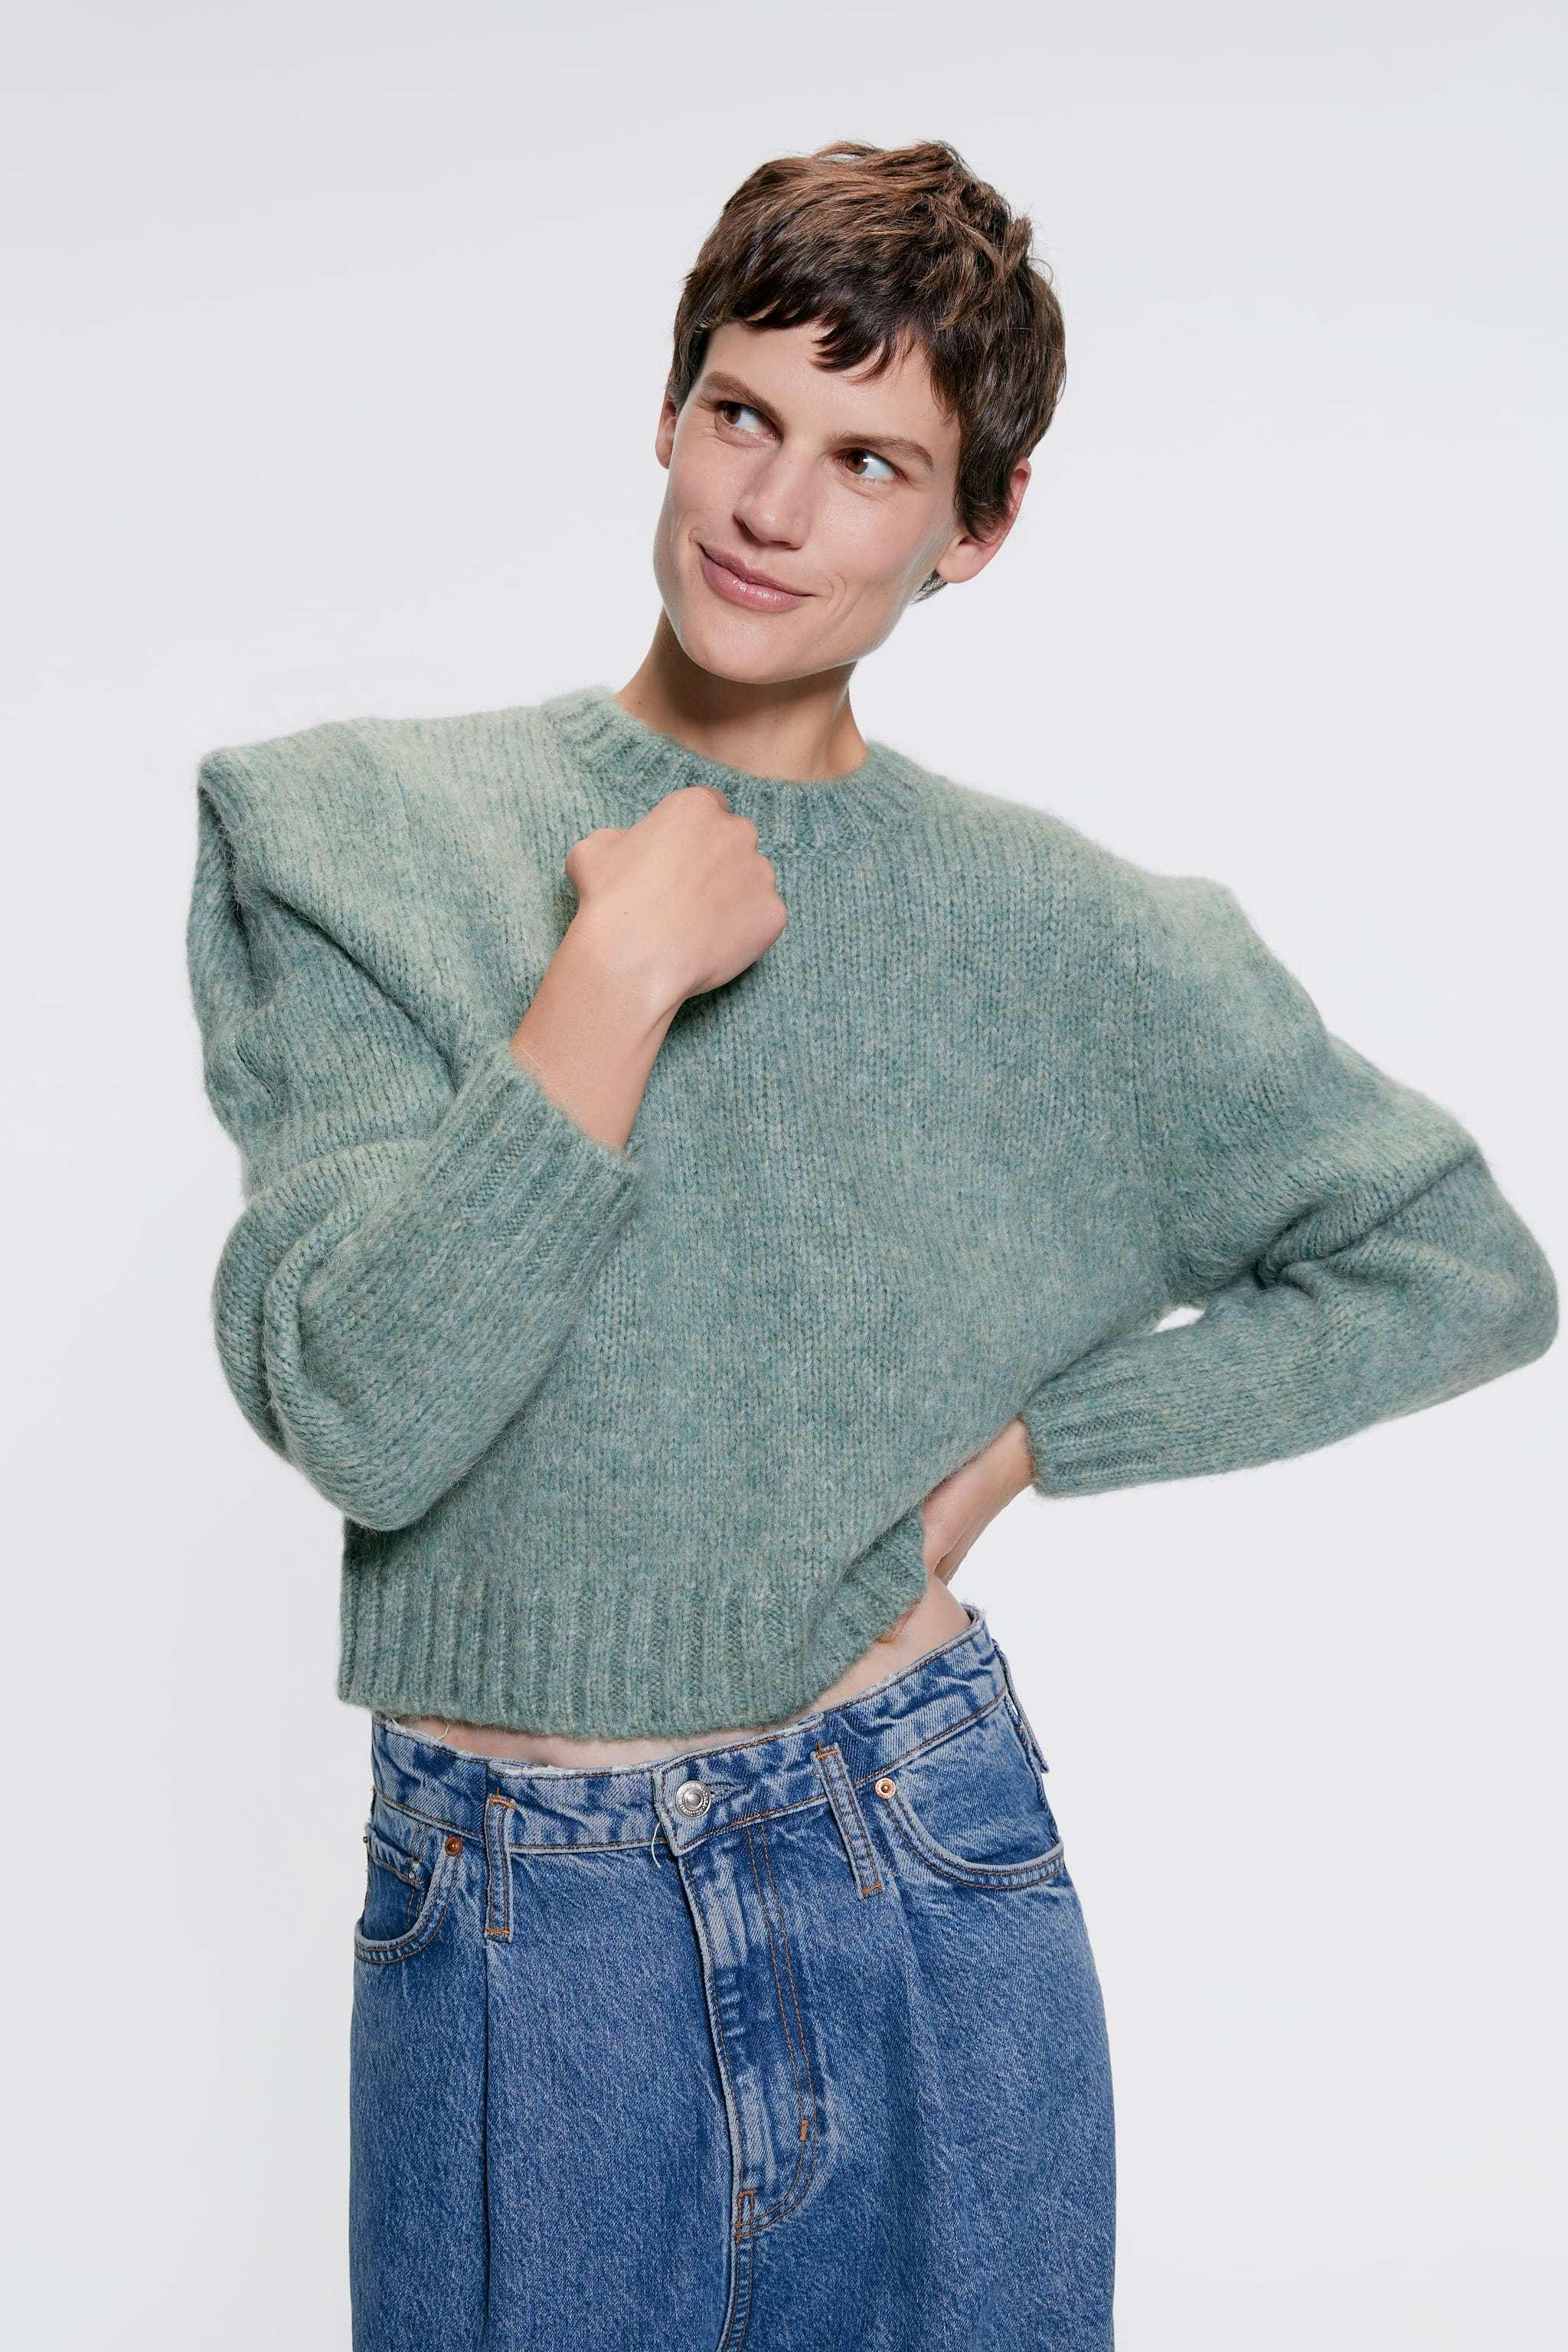 Jersey de hombros marcados de Zara (29,95 euros).